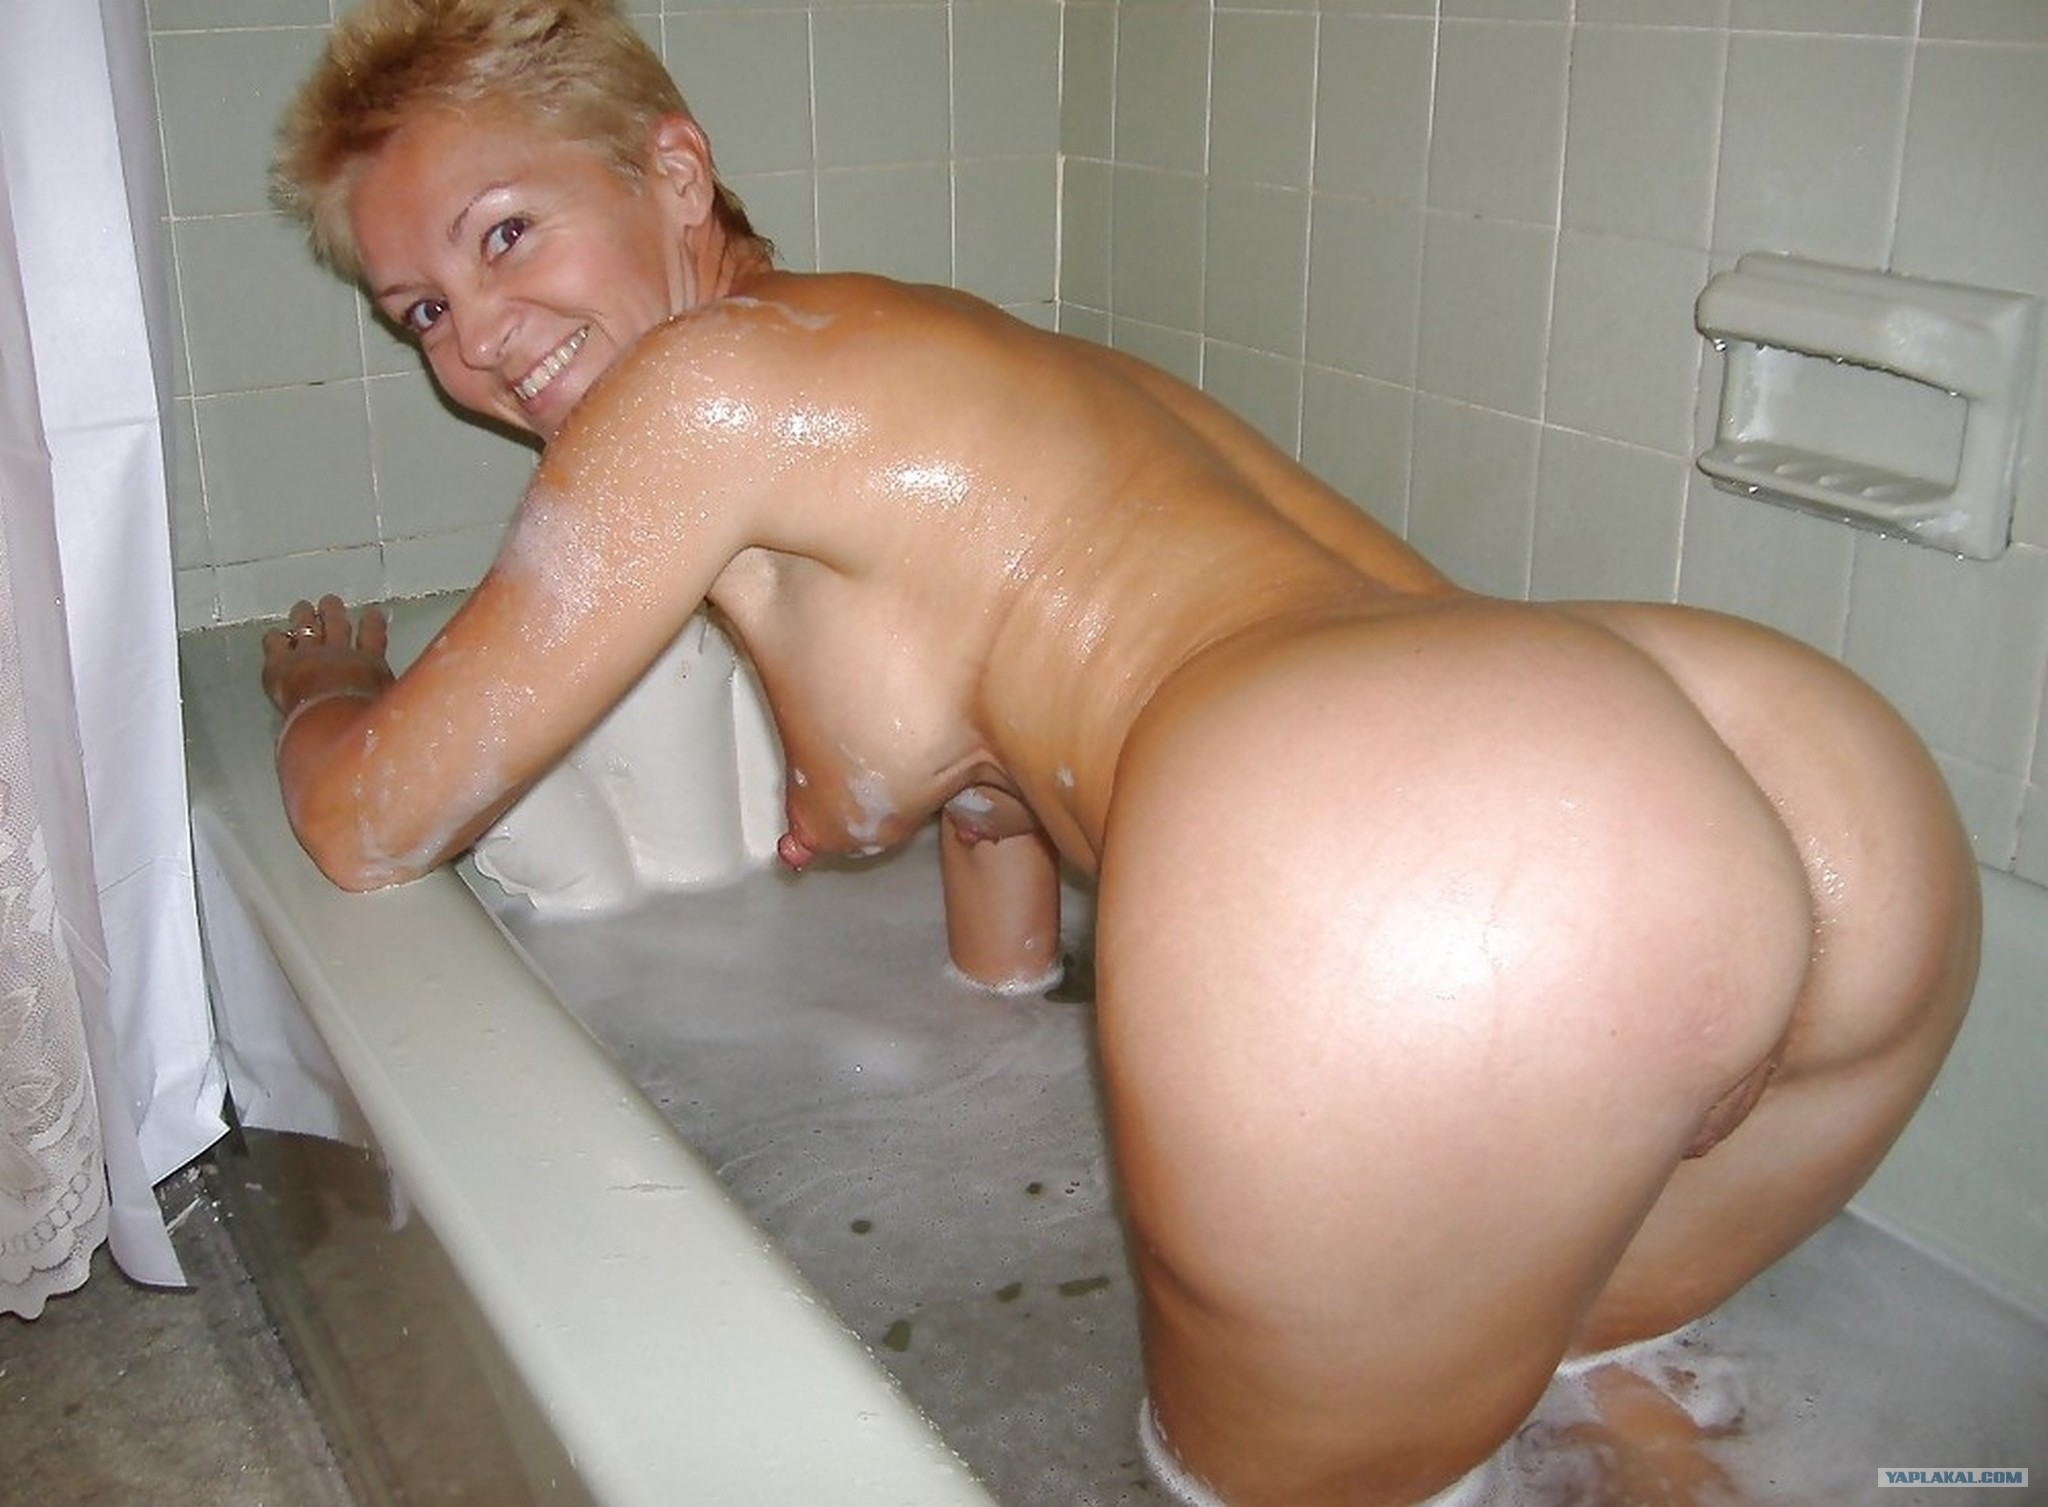 Шикарные мамашки порно фото 13 фотография